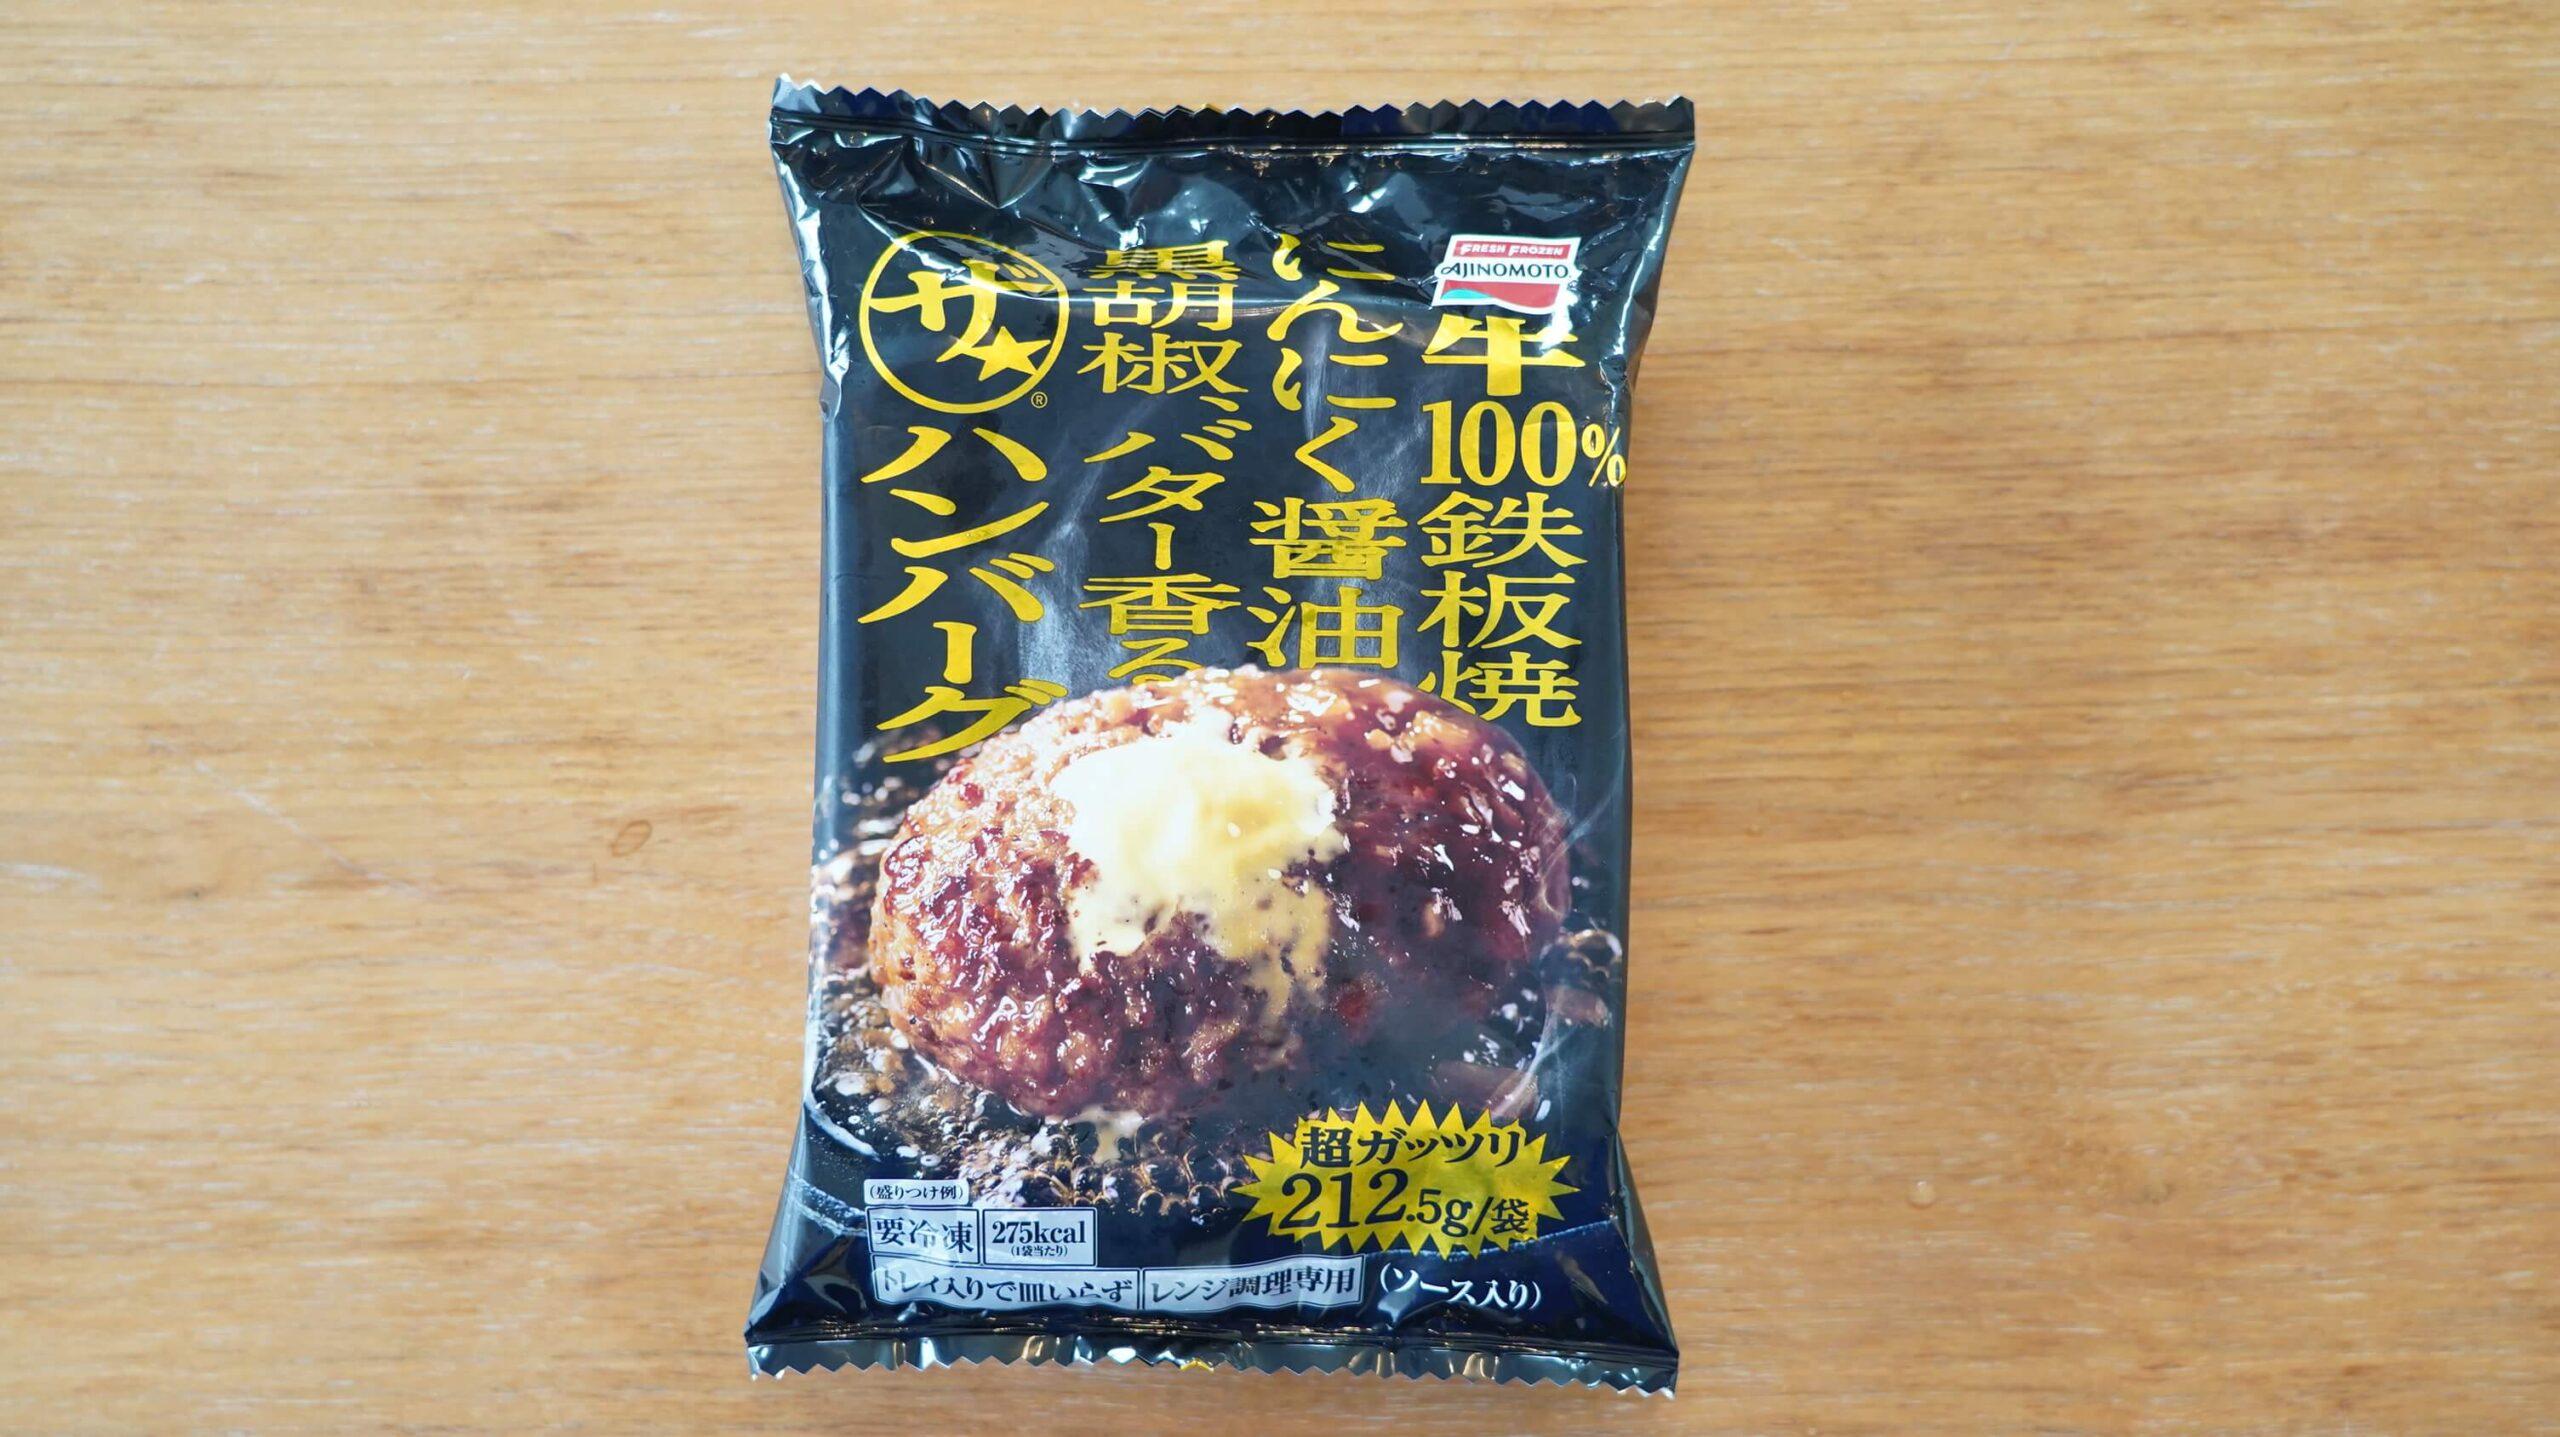 味の素の冷凍食品「ザ★ハンバーグ」のパッケージ写真